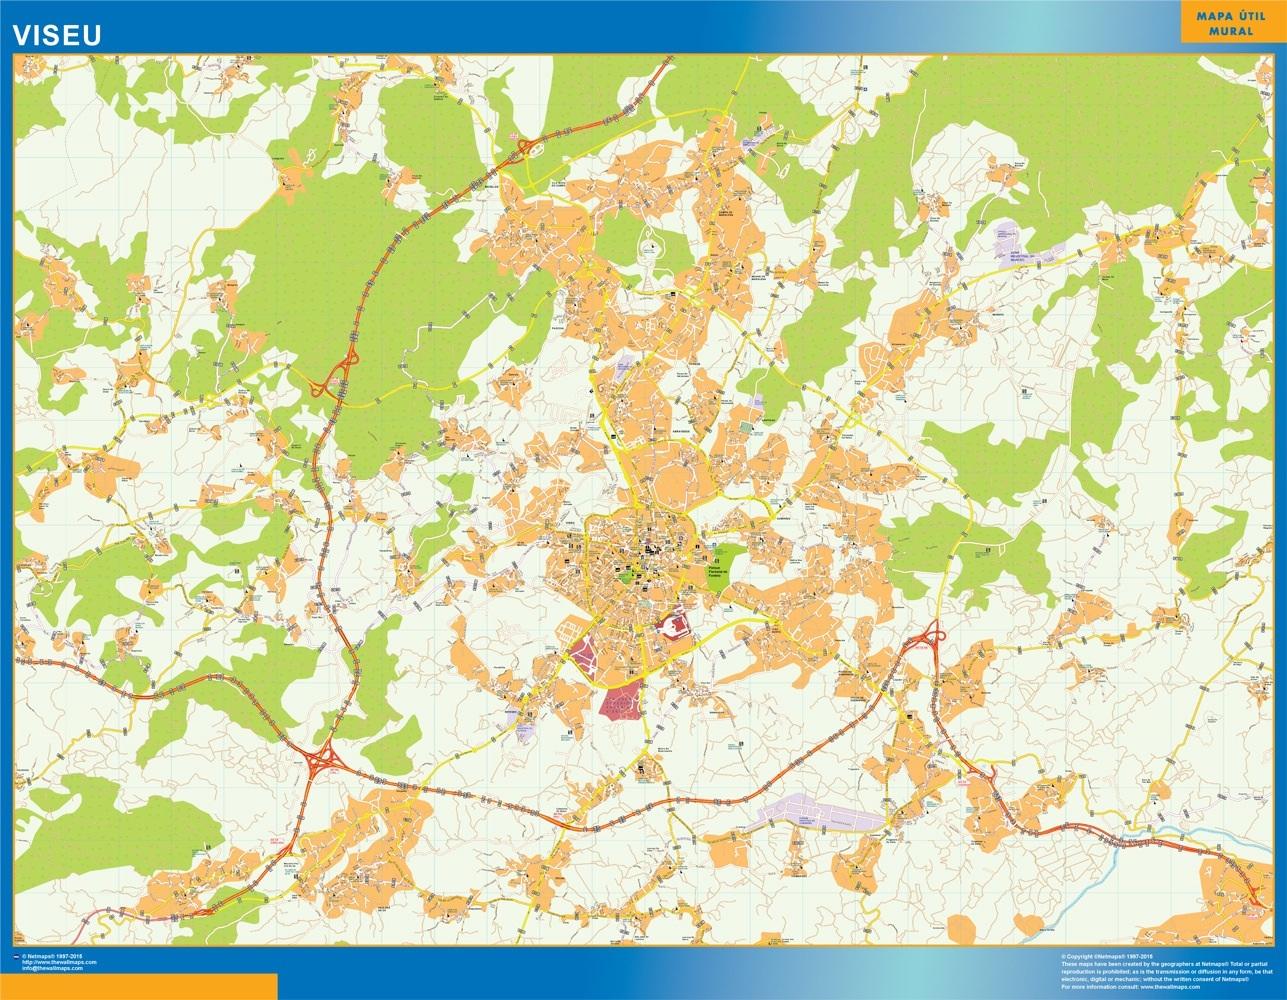 Mapa Viseu en Portugal plastificado gigante